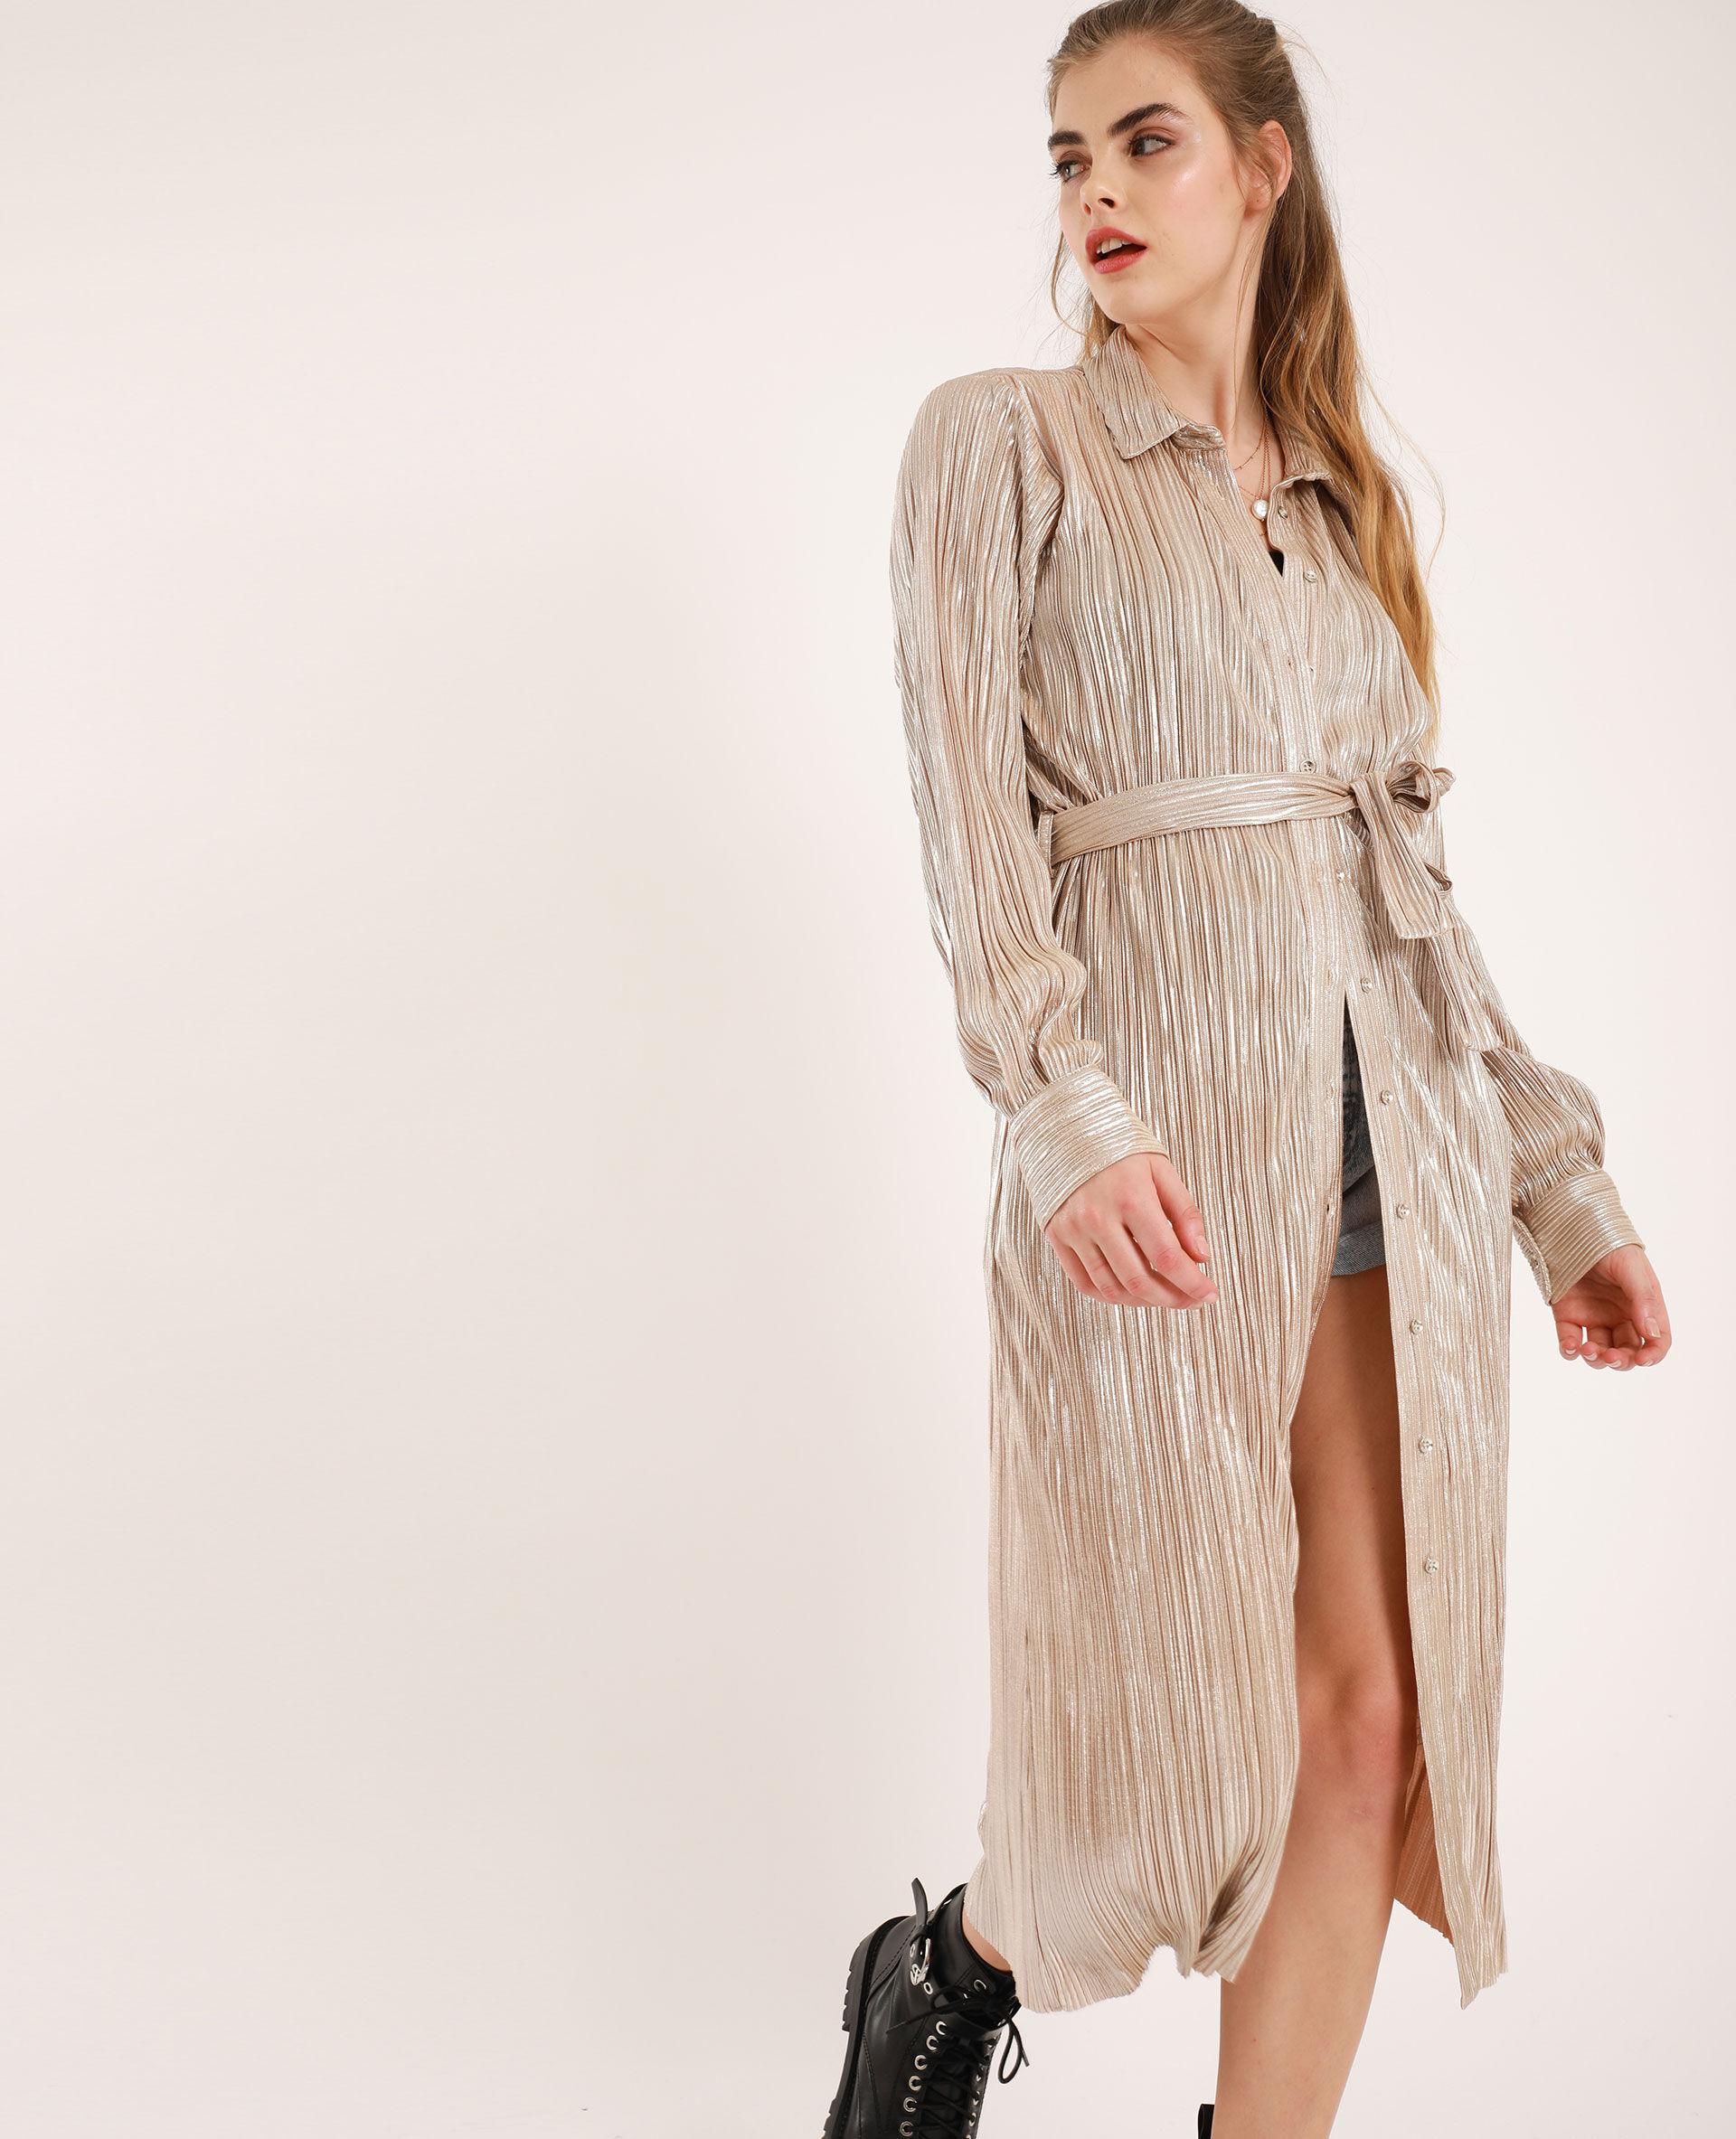 Chemise longue plissée Femme - Couleur doré - Taille L - PIMKIE - MODE FEMME